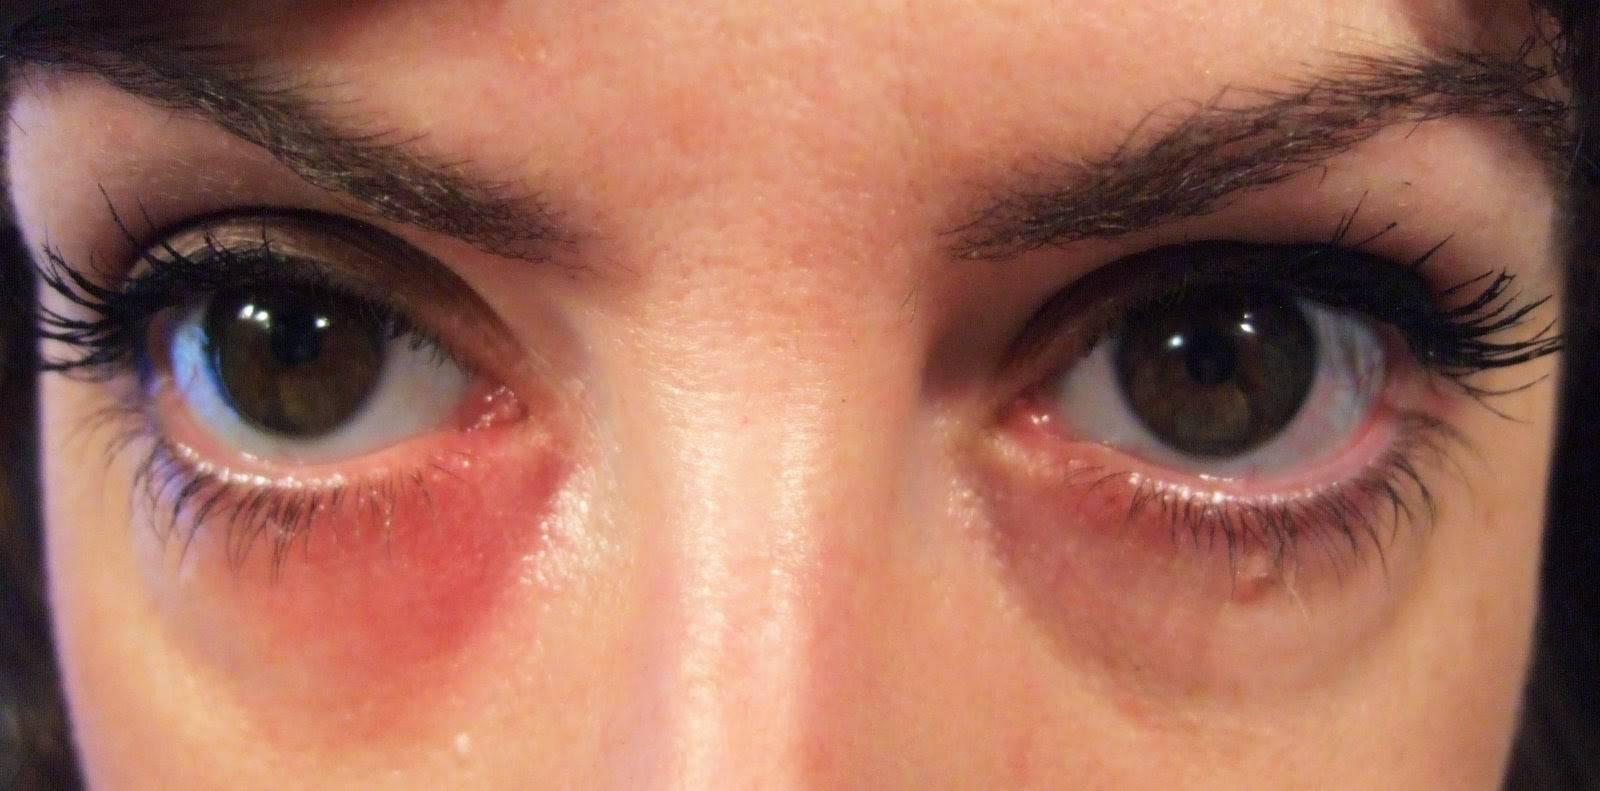 Красные пятна под глазами: причины, лечение, симптомы (точки шелушатся, чешутся, появляются после рвоты) у взрослых и детей